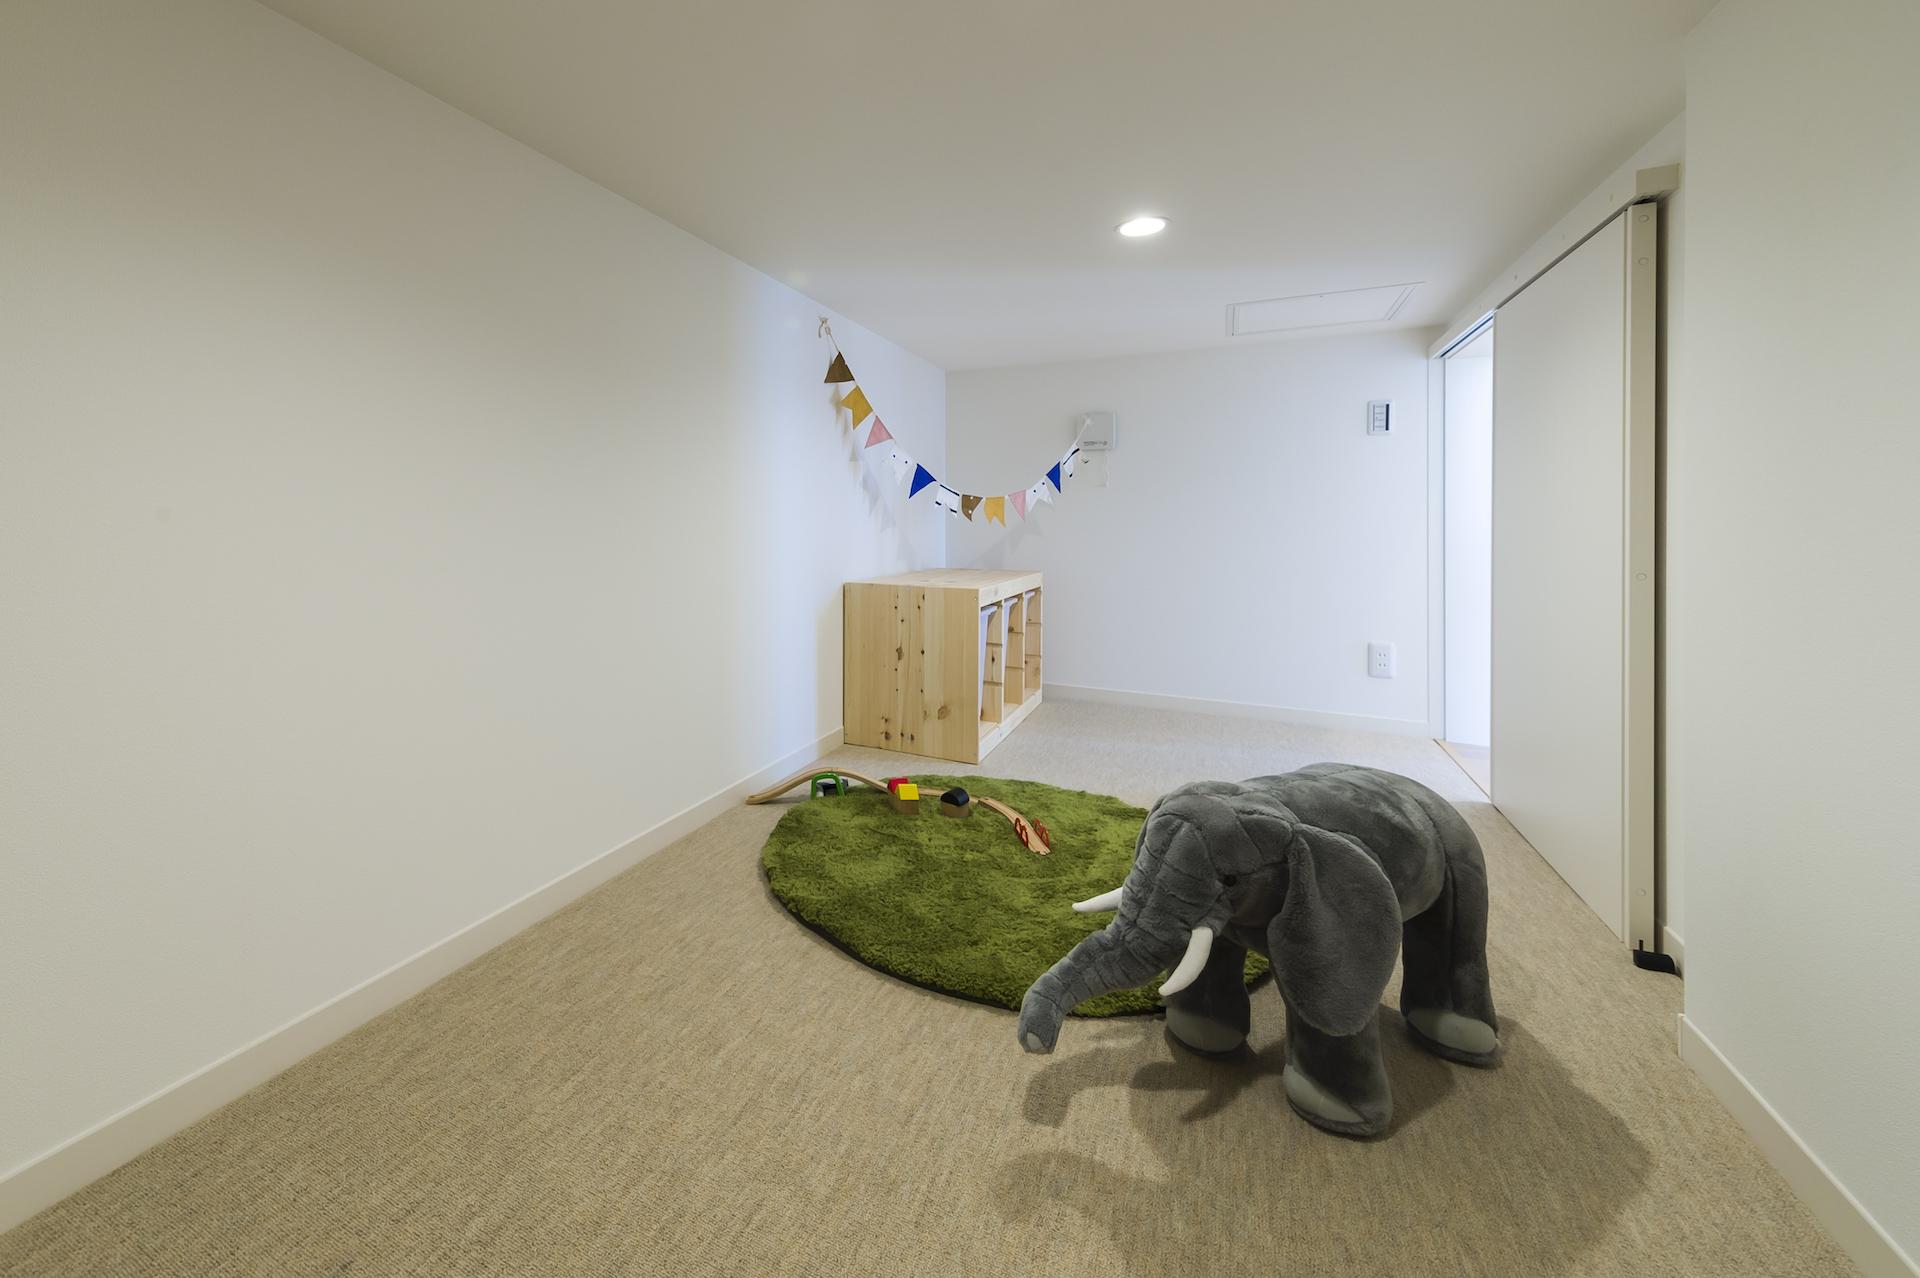 ミサワホーム静岡【デザイン住宅、収納力、インテリア】暮らしを豊かにする大収納空間「蔵」。日用品や衣類のほか、趣味の道具や季節の調度品、災害時のための備蓄品などもたっぷりしまえるので、ライフスタイルが広がる。床面がカーペットなので、小さなお子様の遊び場としても大活躍